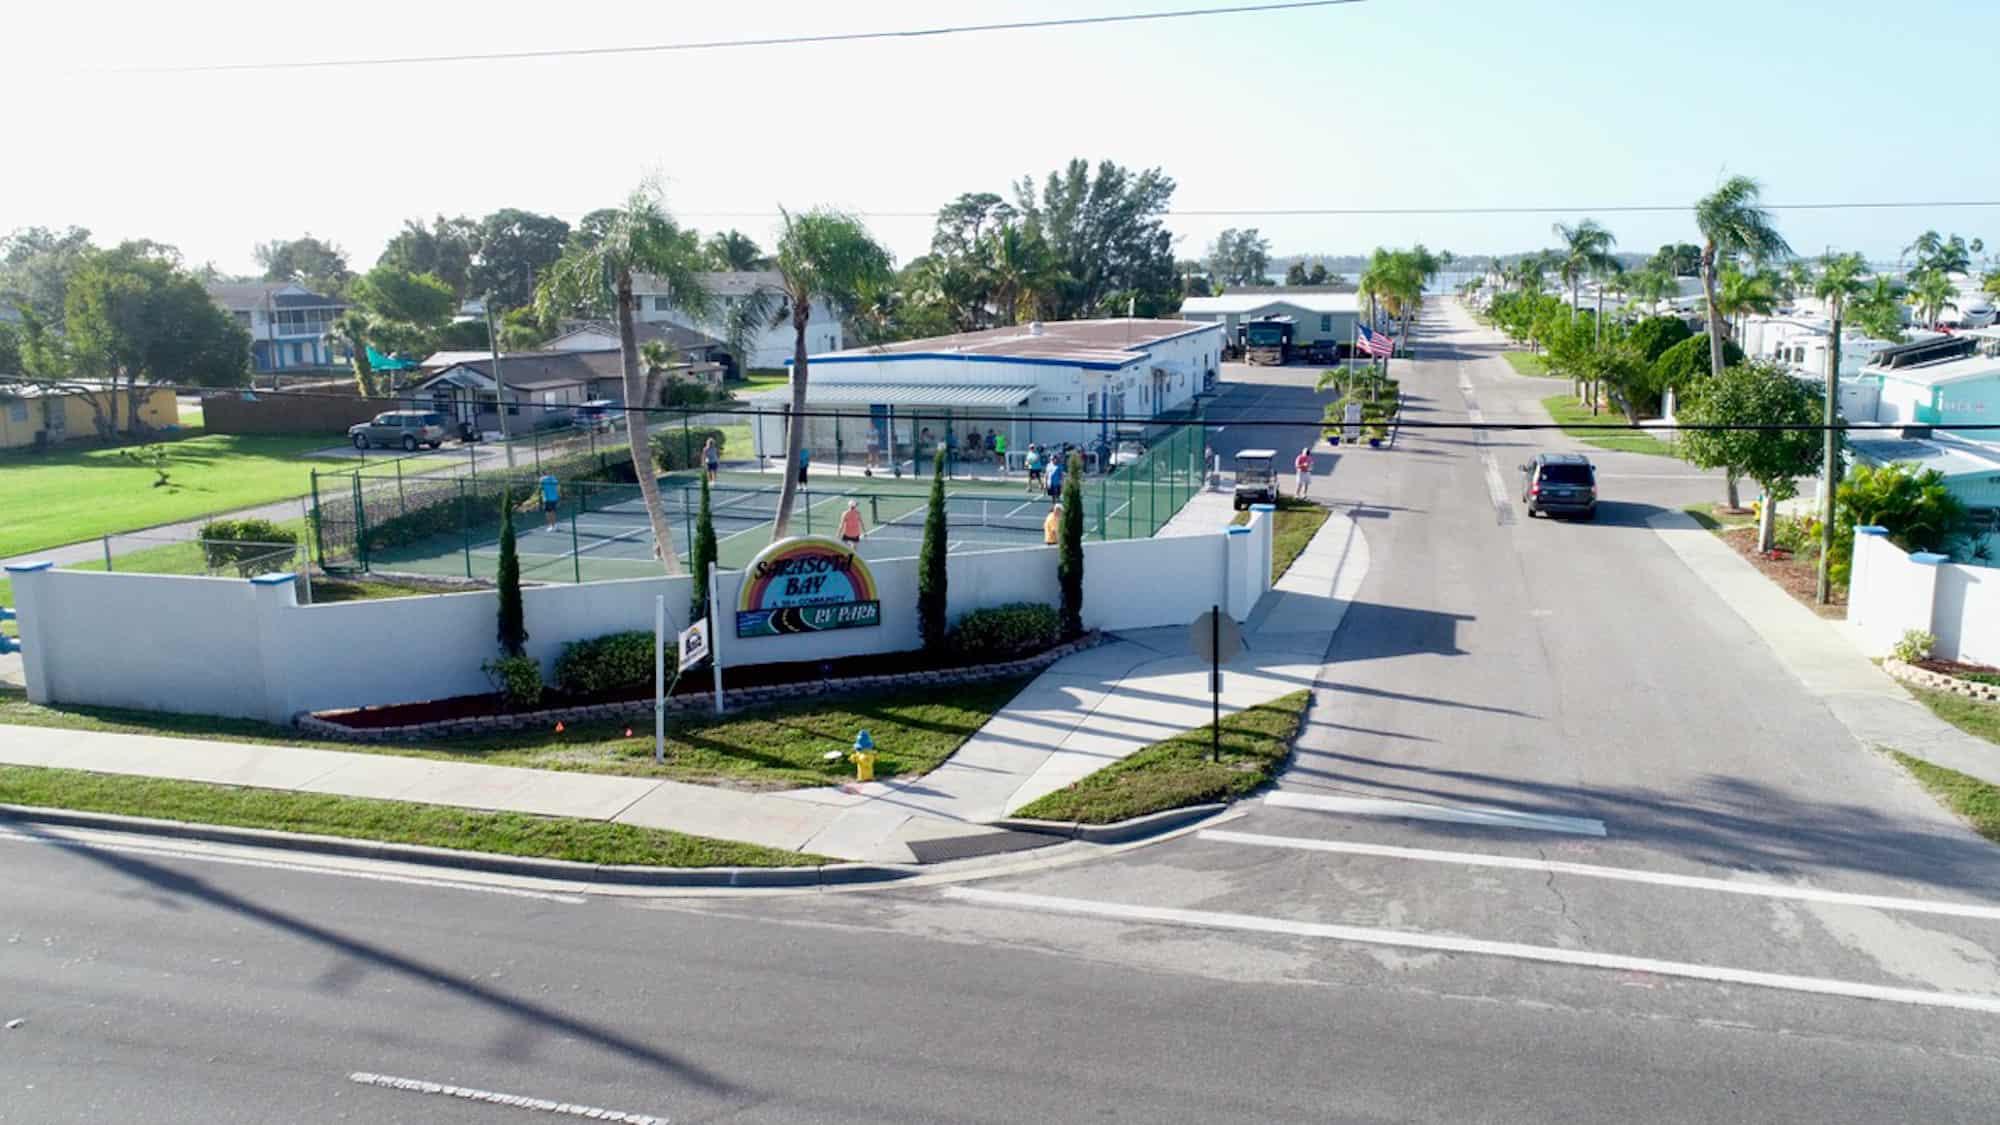 Sarasota Bay RV Park